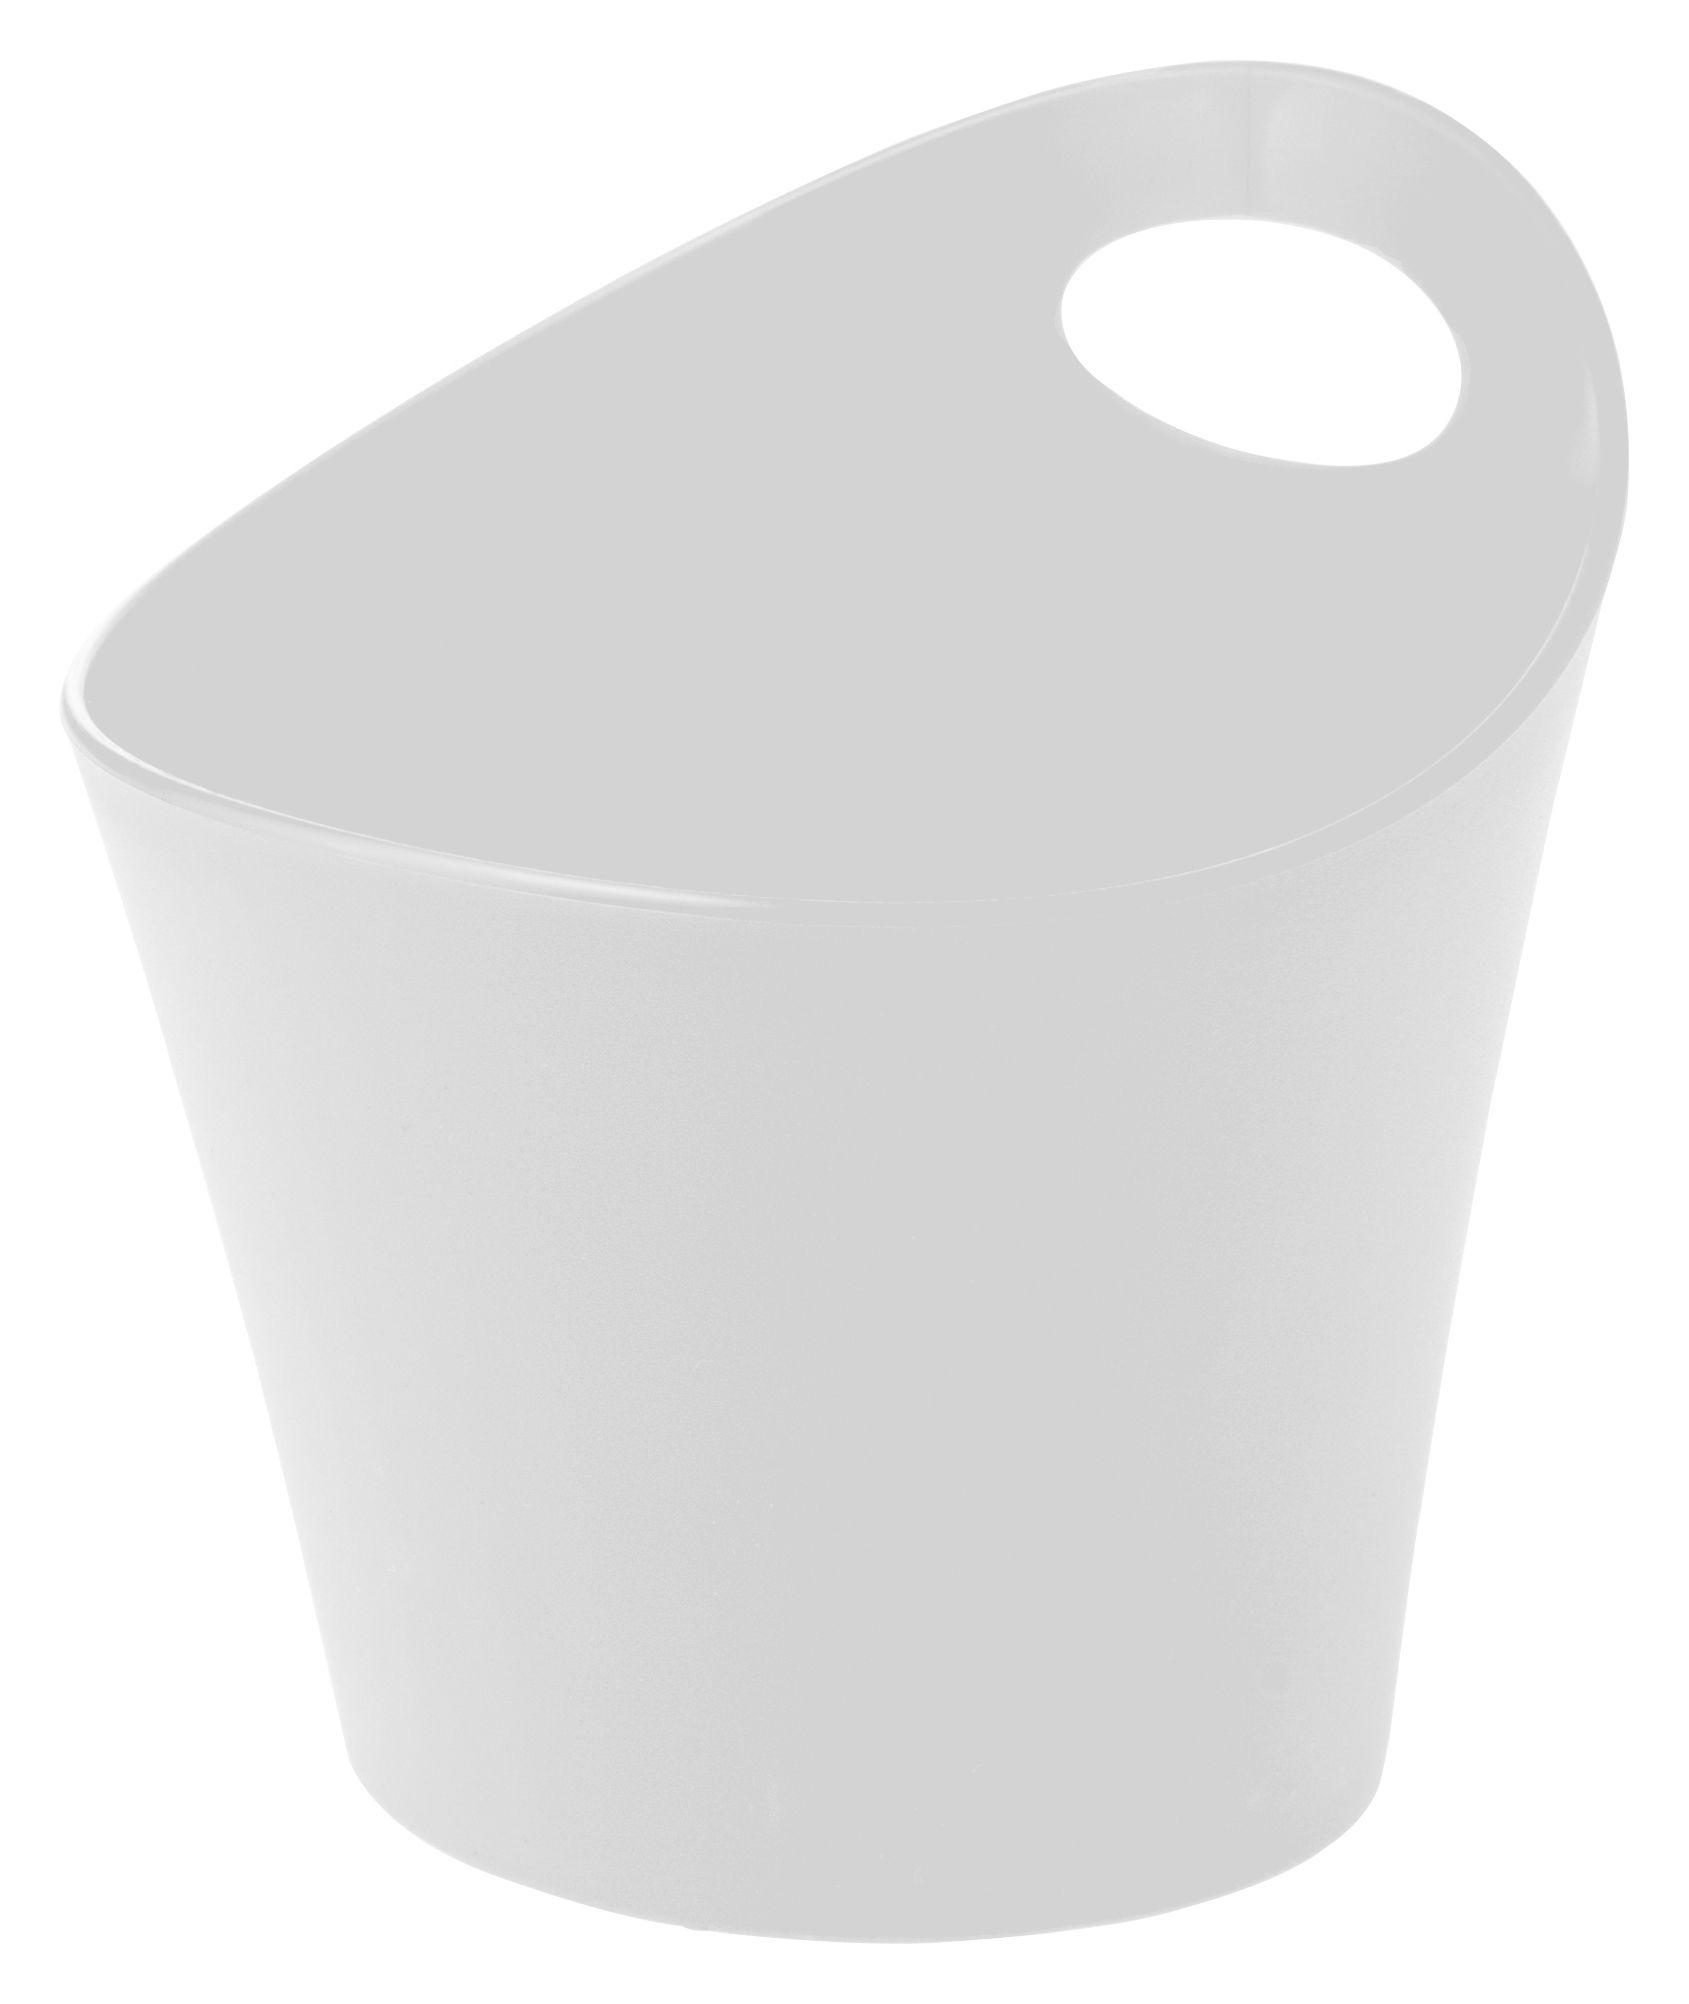 Déco - Salle de bains - Pot Pottichelli XS / Ø 15 x H 9 cm - Koziol - Blanc - PMMA